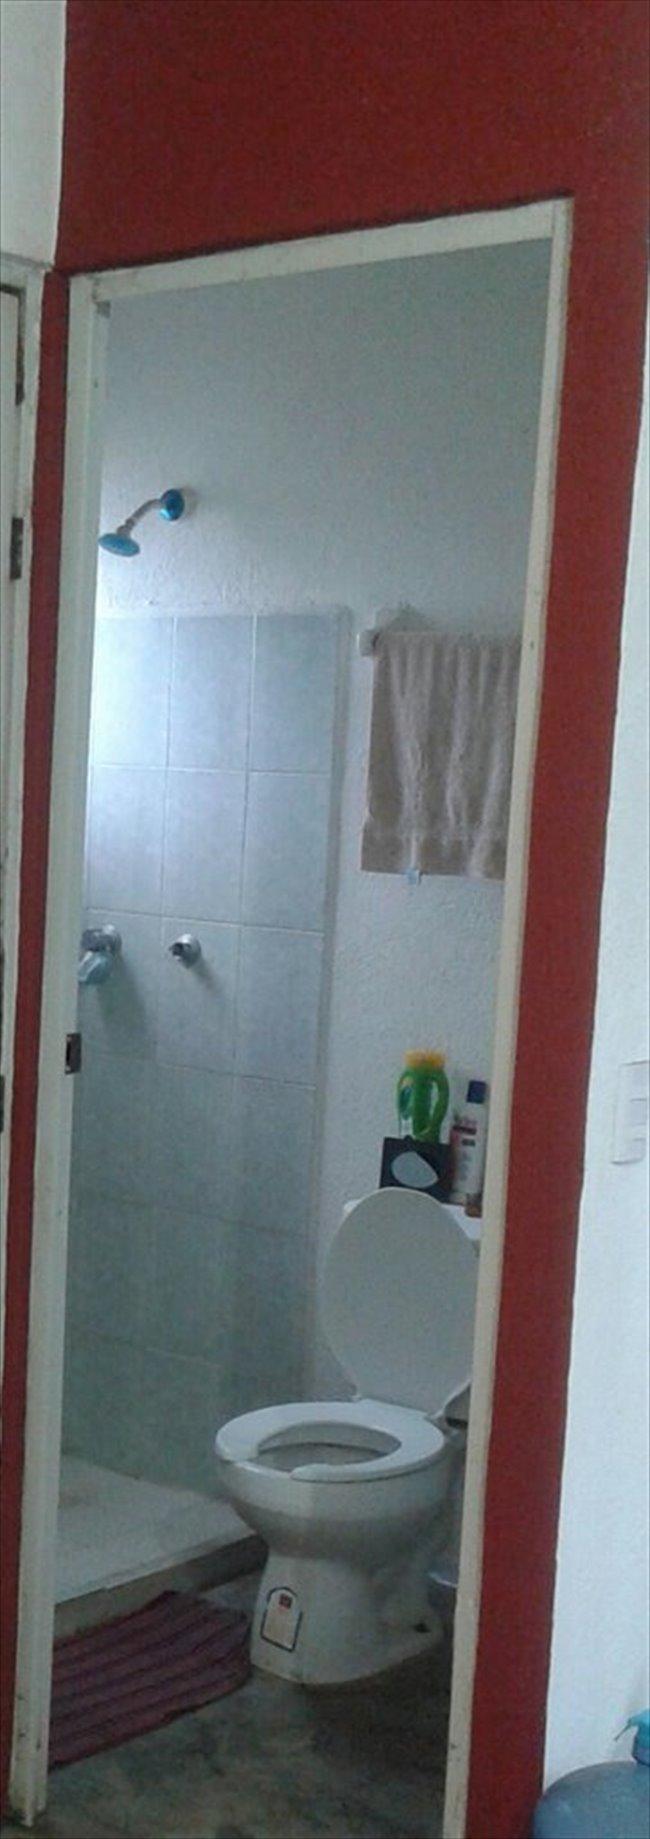 Cuarto en renta en Veracruz - rento habitación chica de ...